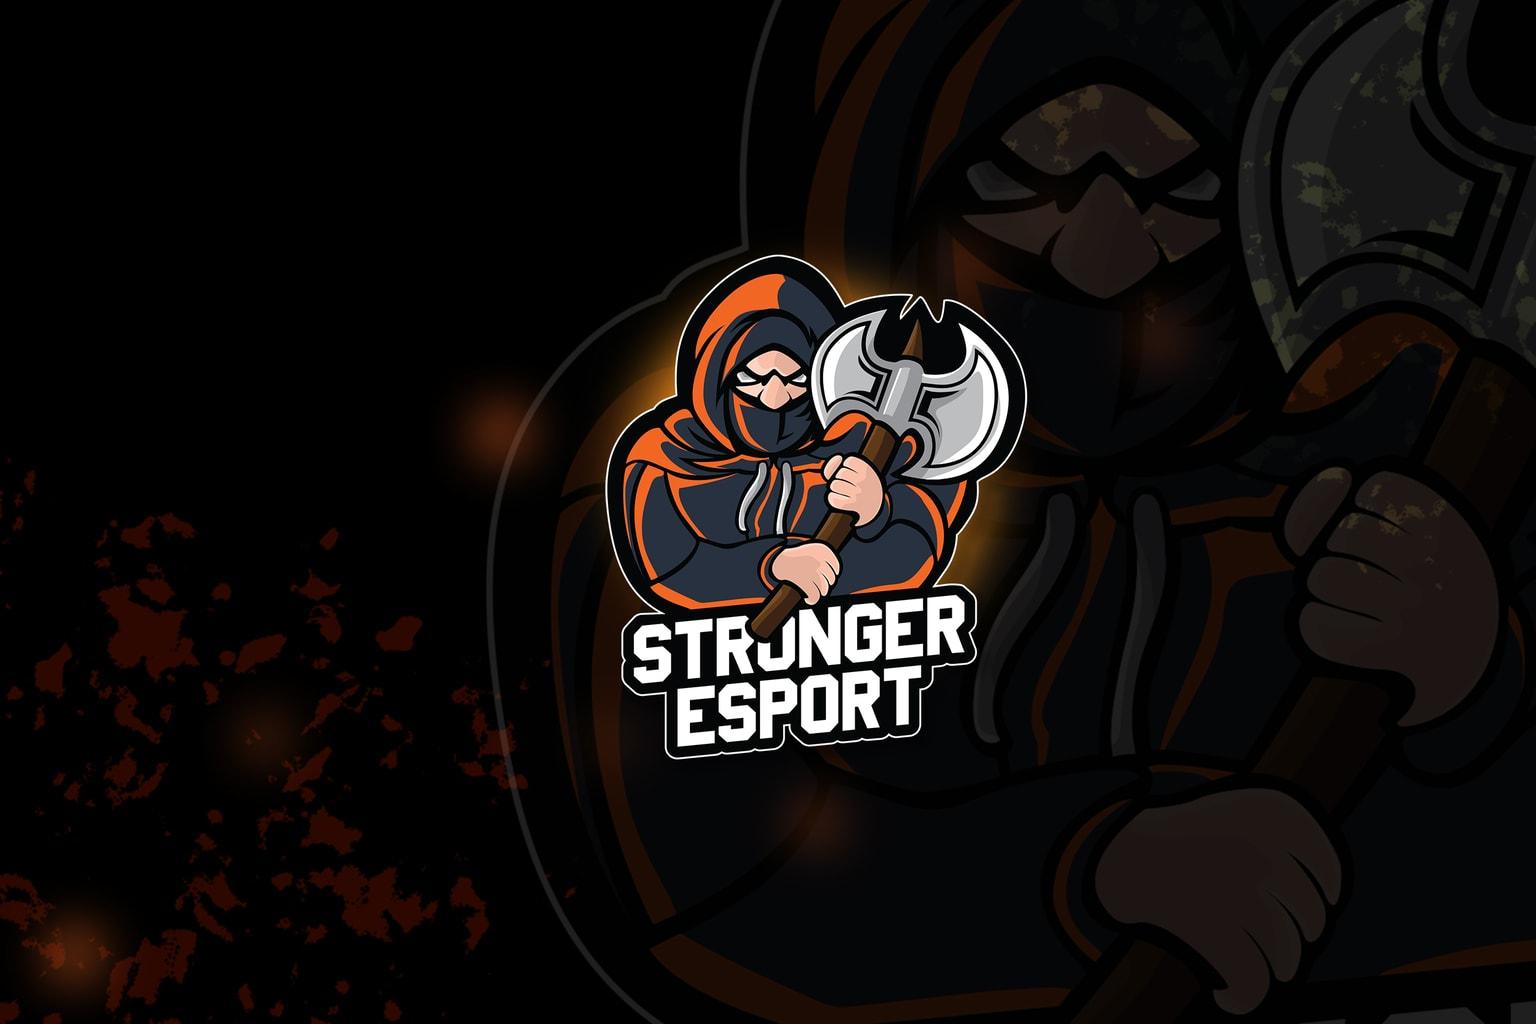 esport logo – stronger knight